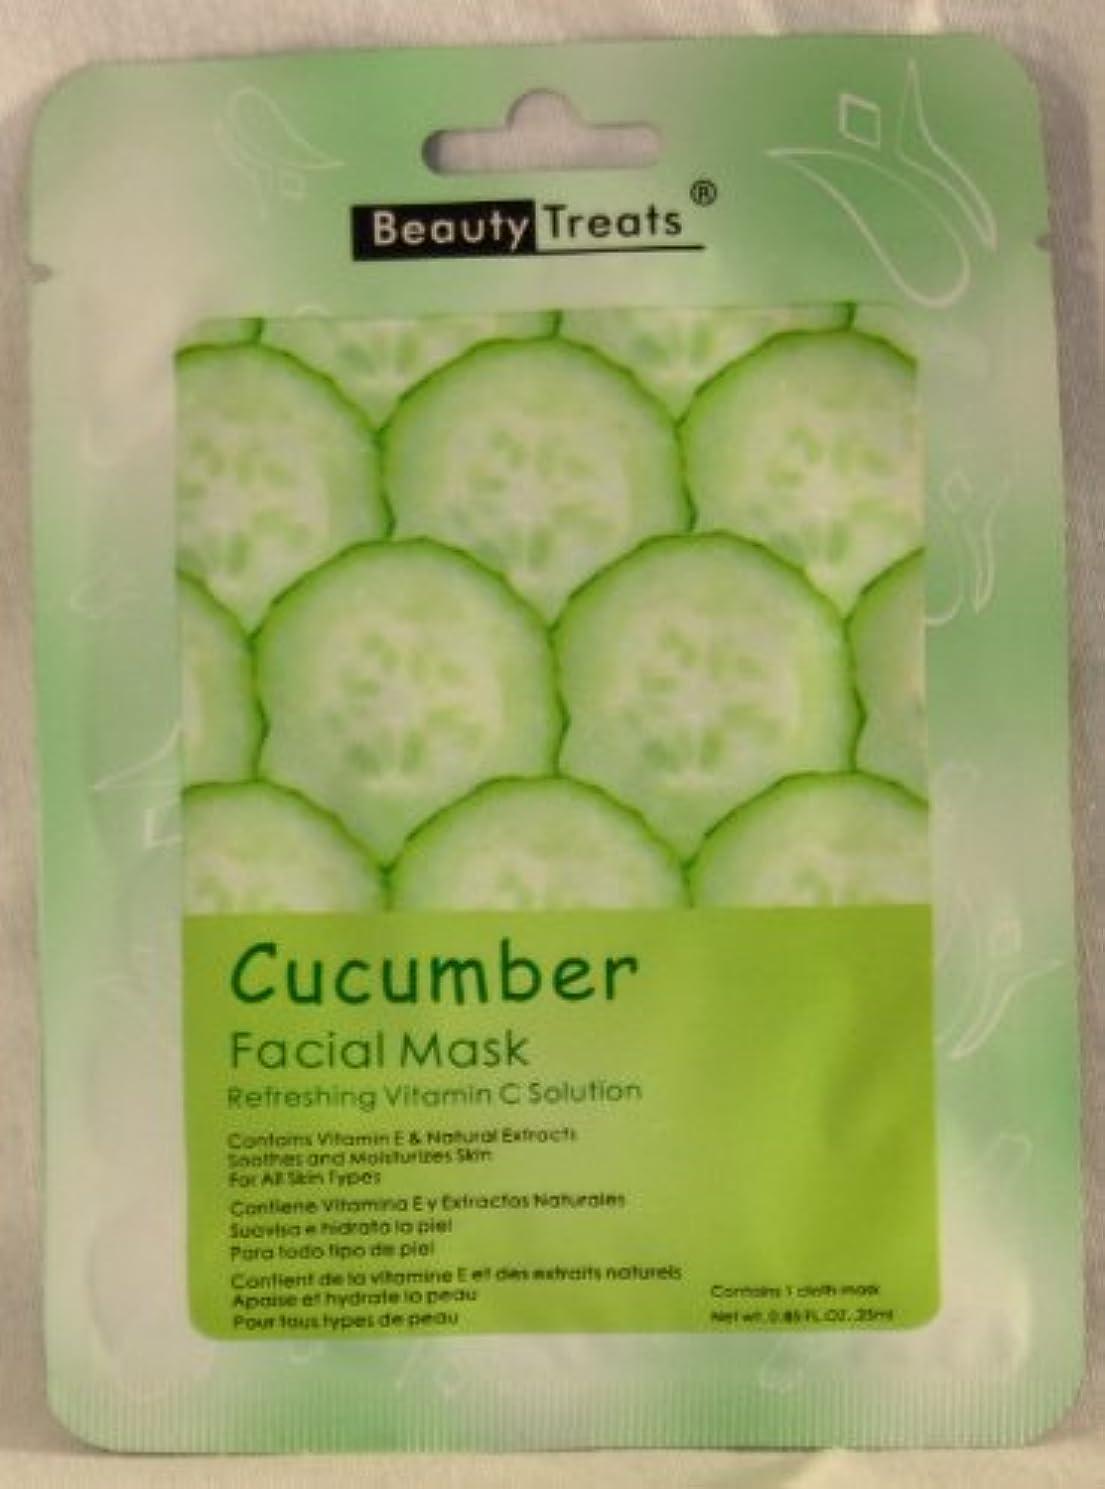 驚き物思いにふける始まりBEAUTY TREATS Facial Mask Refreshing Vitamin C Solution - Cucumber (並行輸入品)